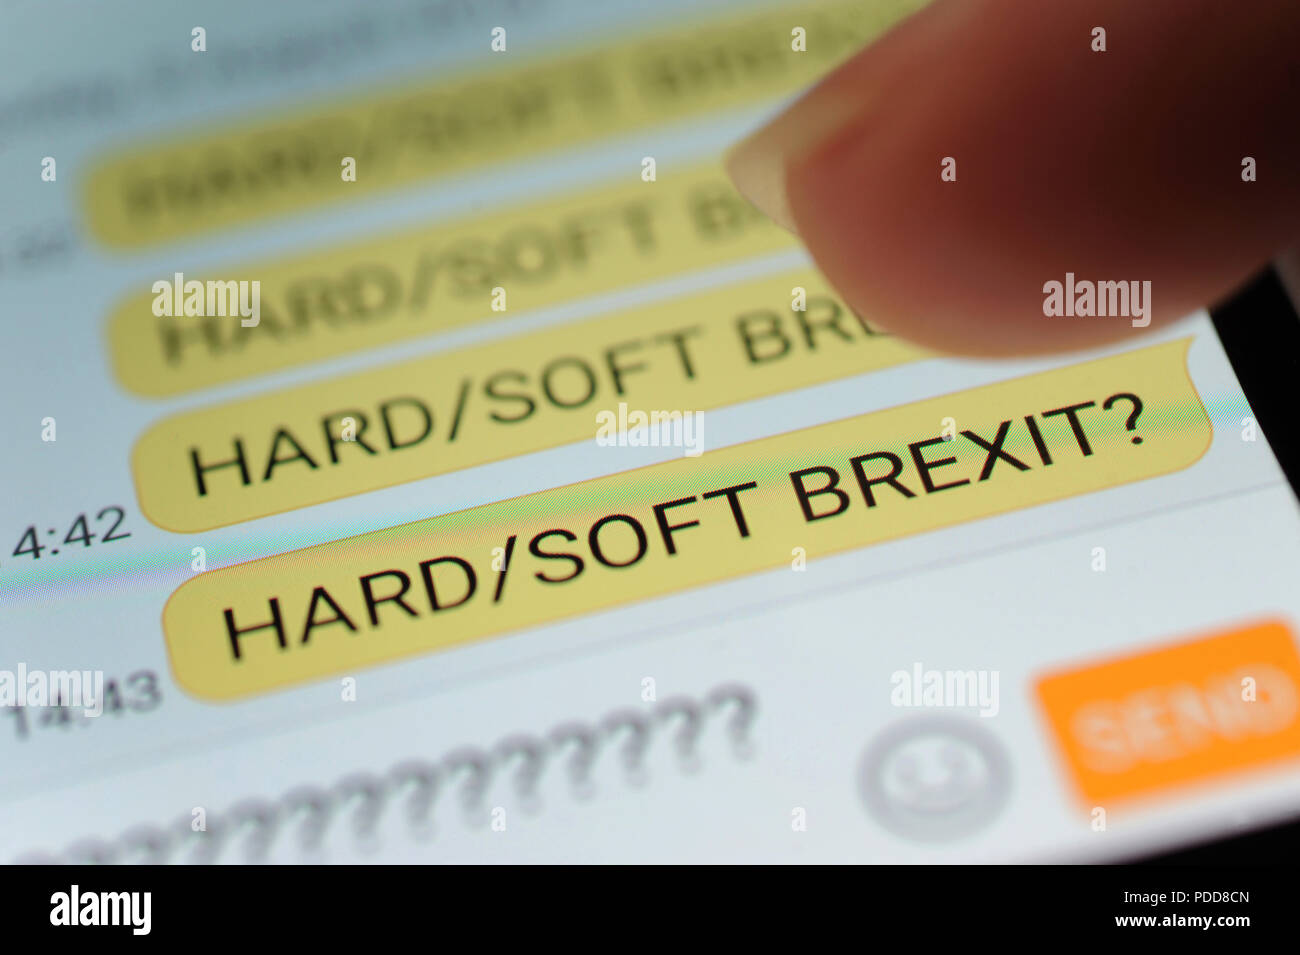 HARD SOFT BREXIT messaggio di testo sullo smartphone BREXIT nuovamente affrontare il commercio economia UK NESSUN ACCORDO NEGOZIATO Immagini Stock